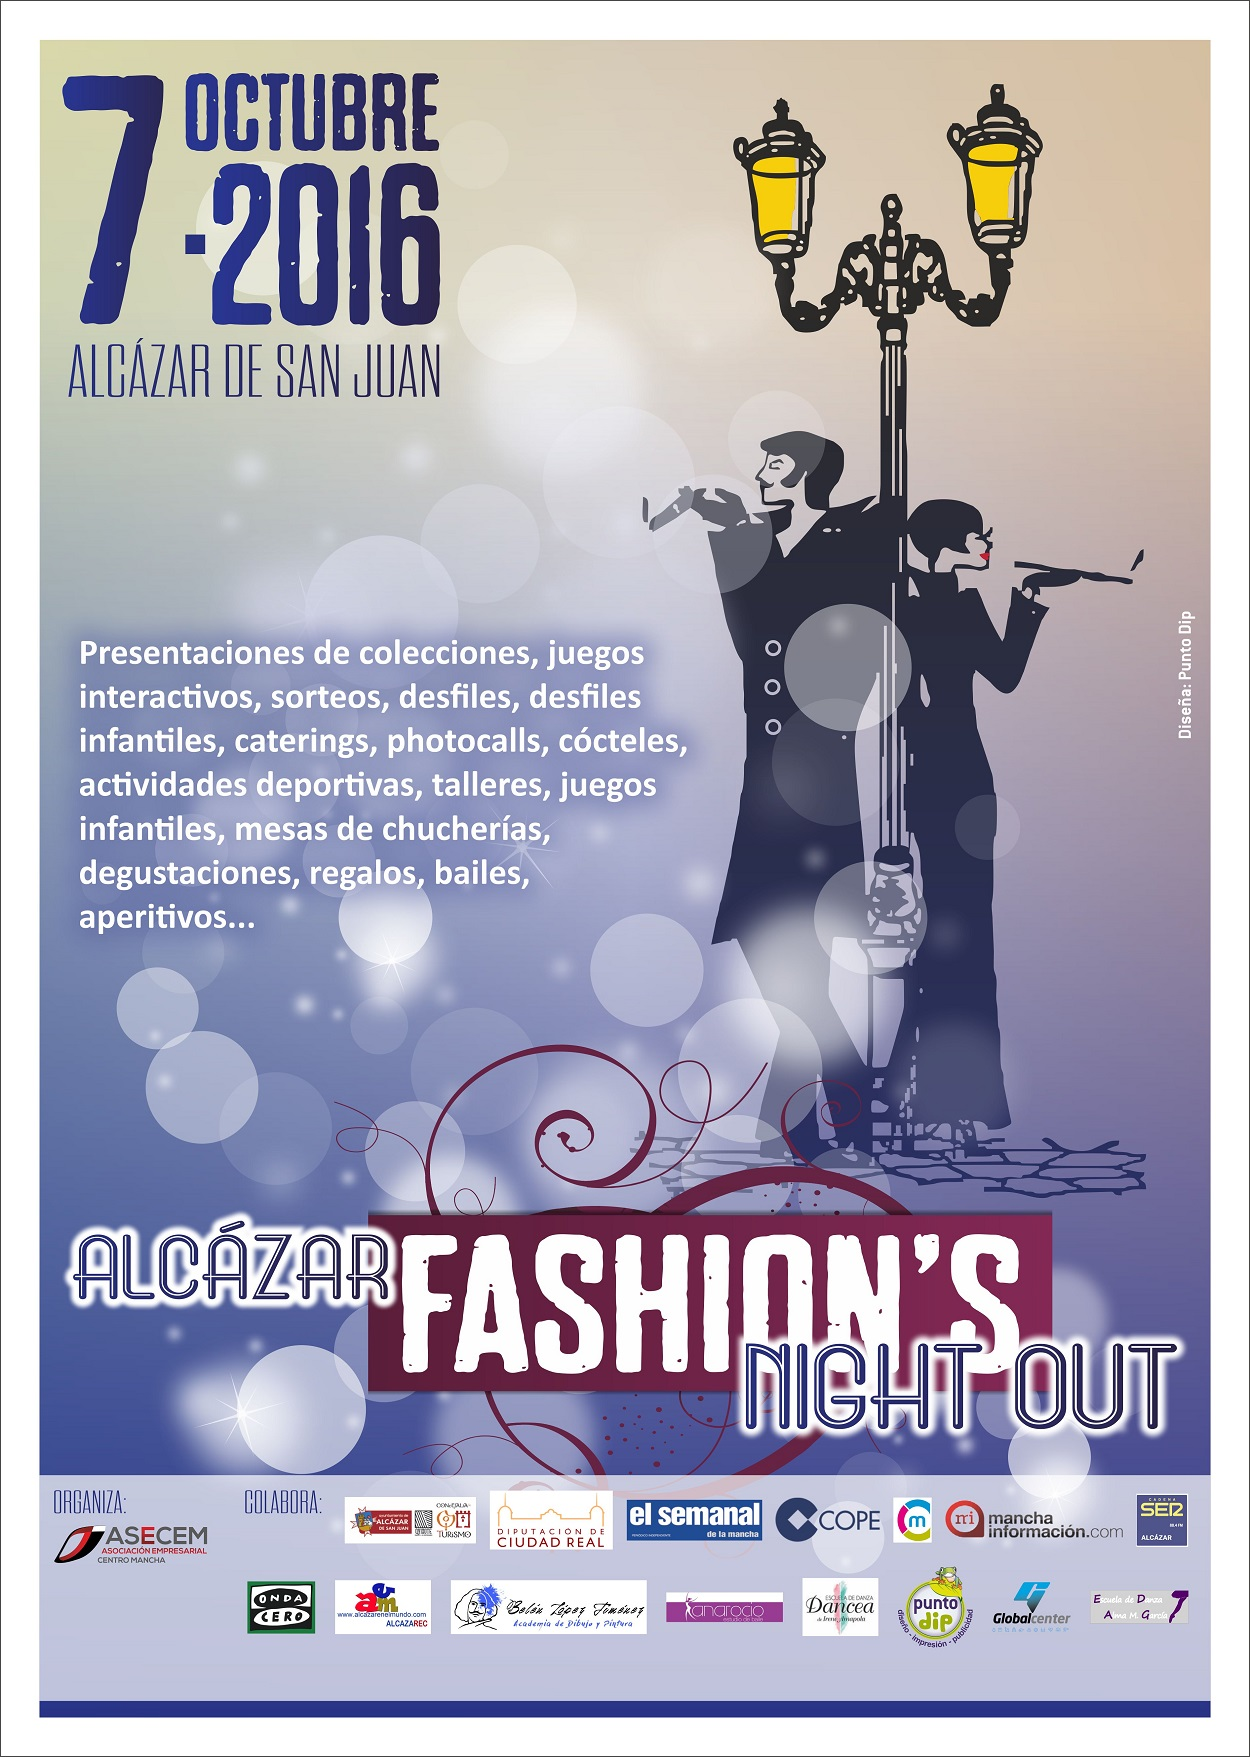 cartel_alcazar-fashions-night-out